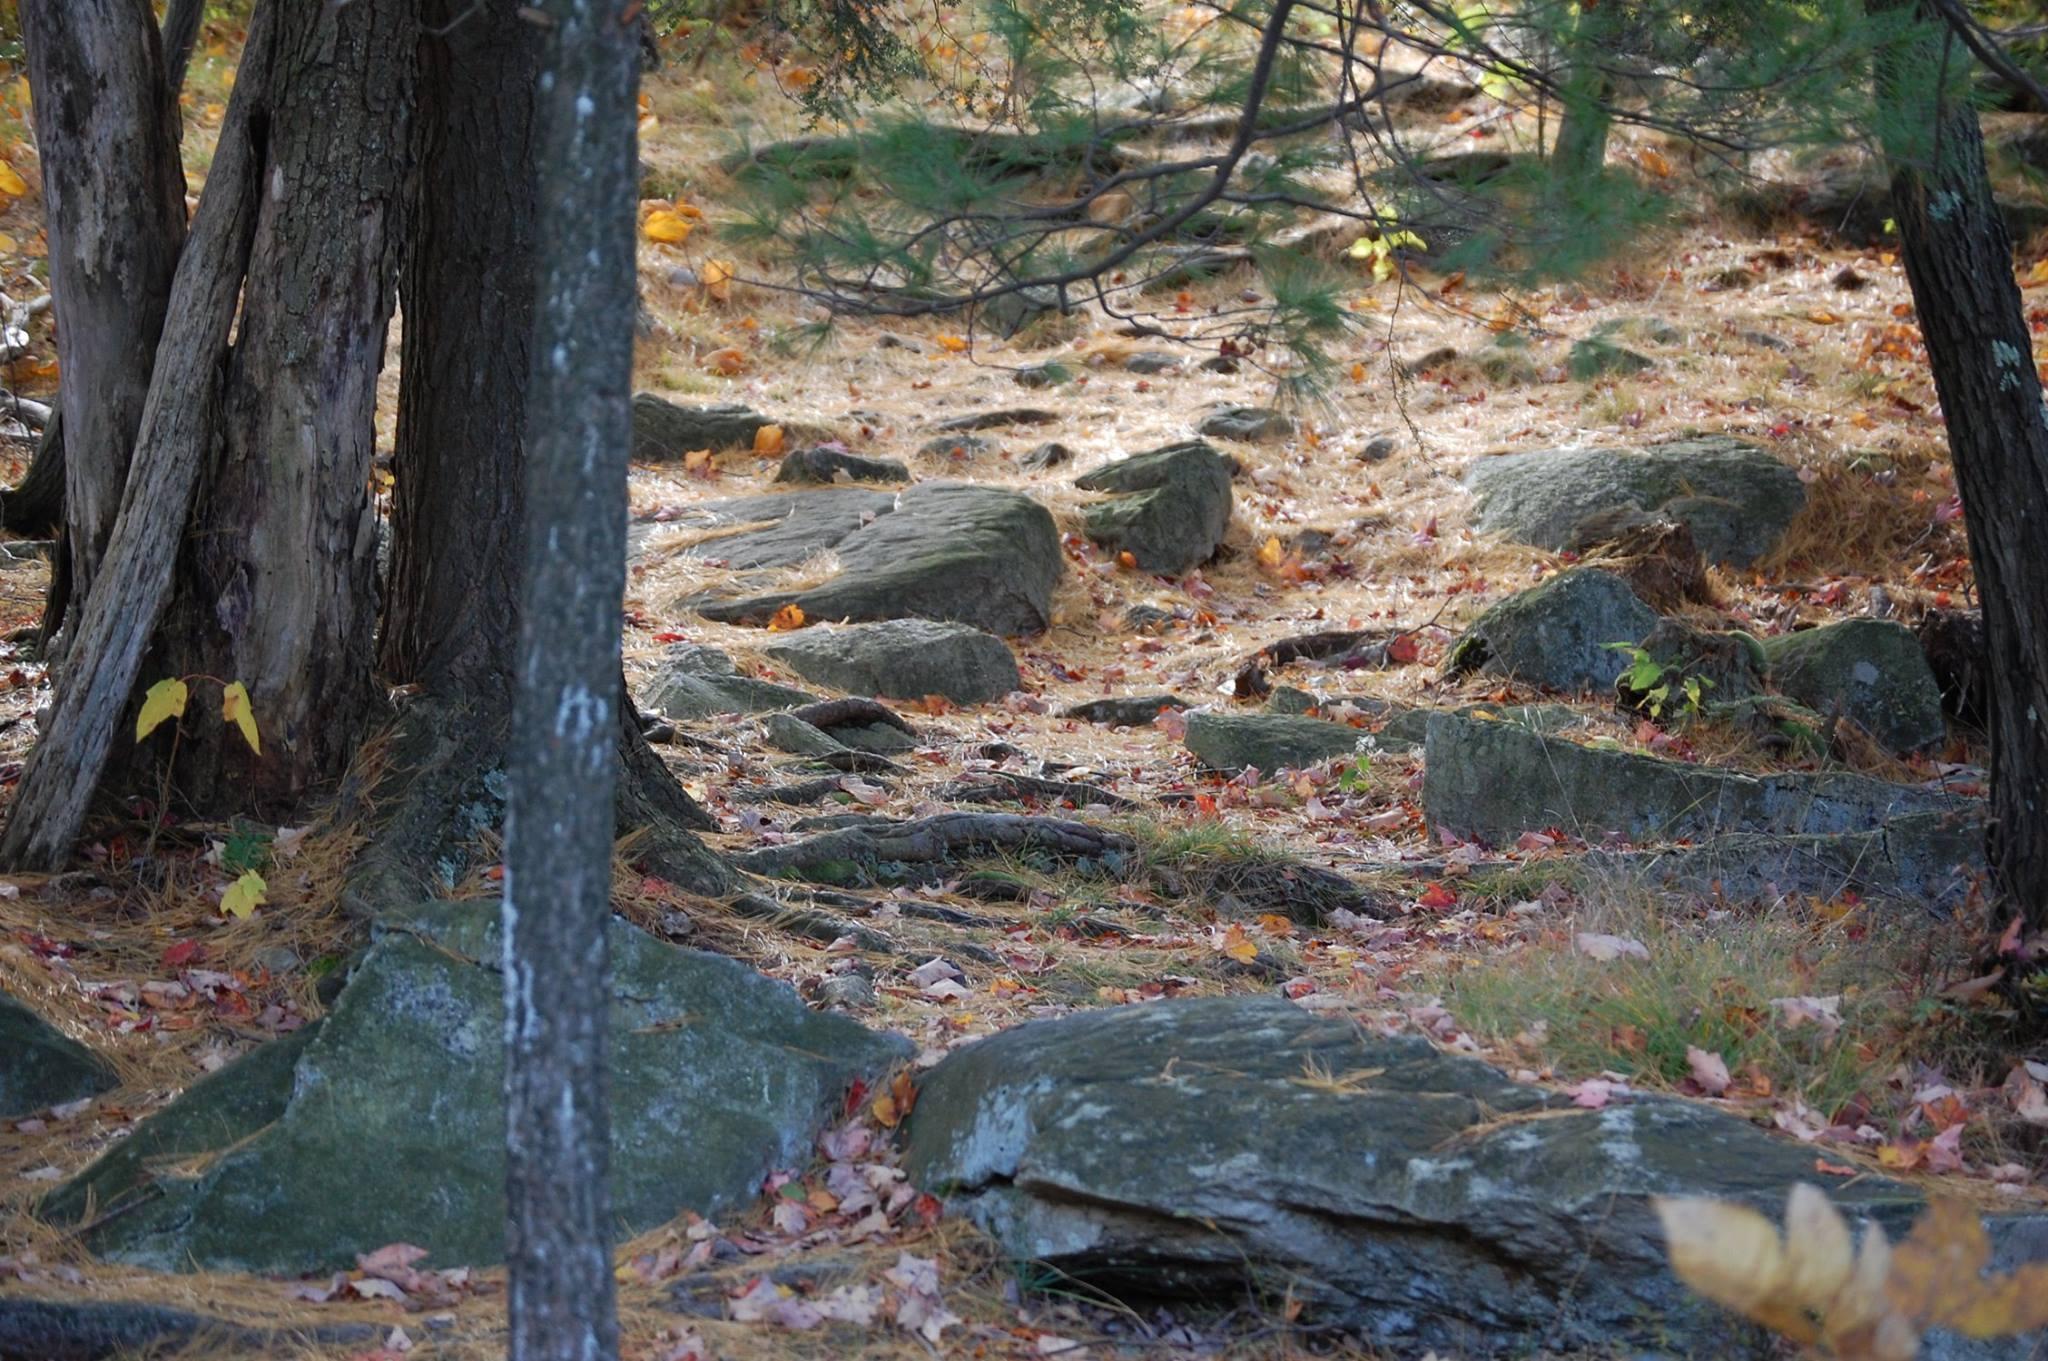 stones and pine needles.JPG